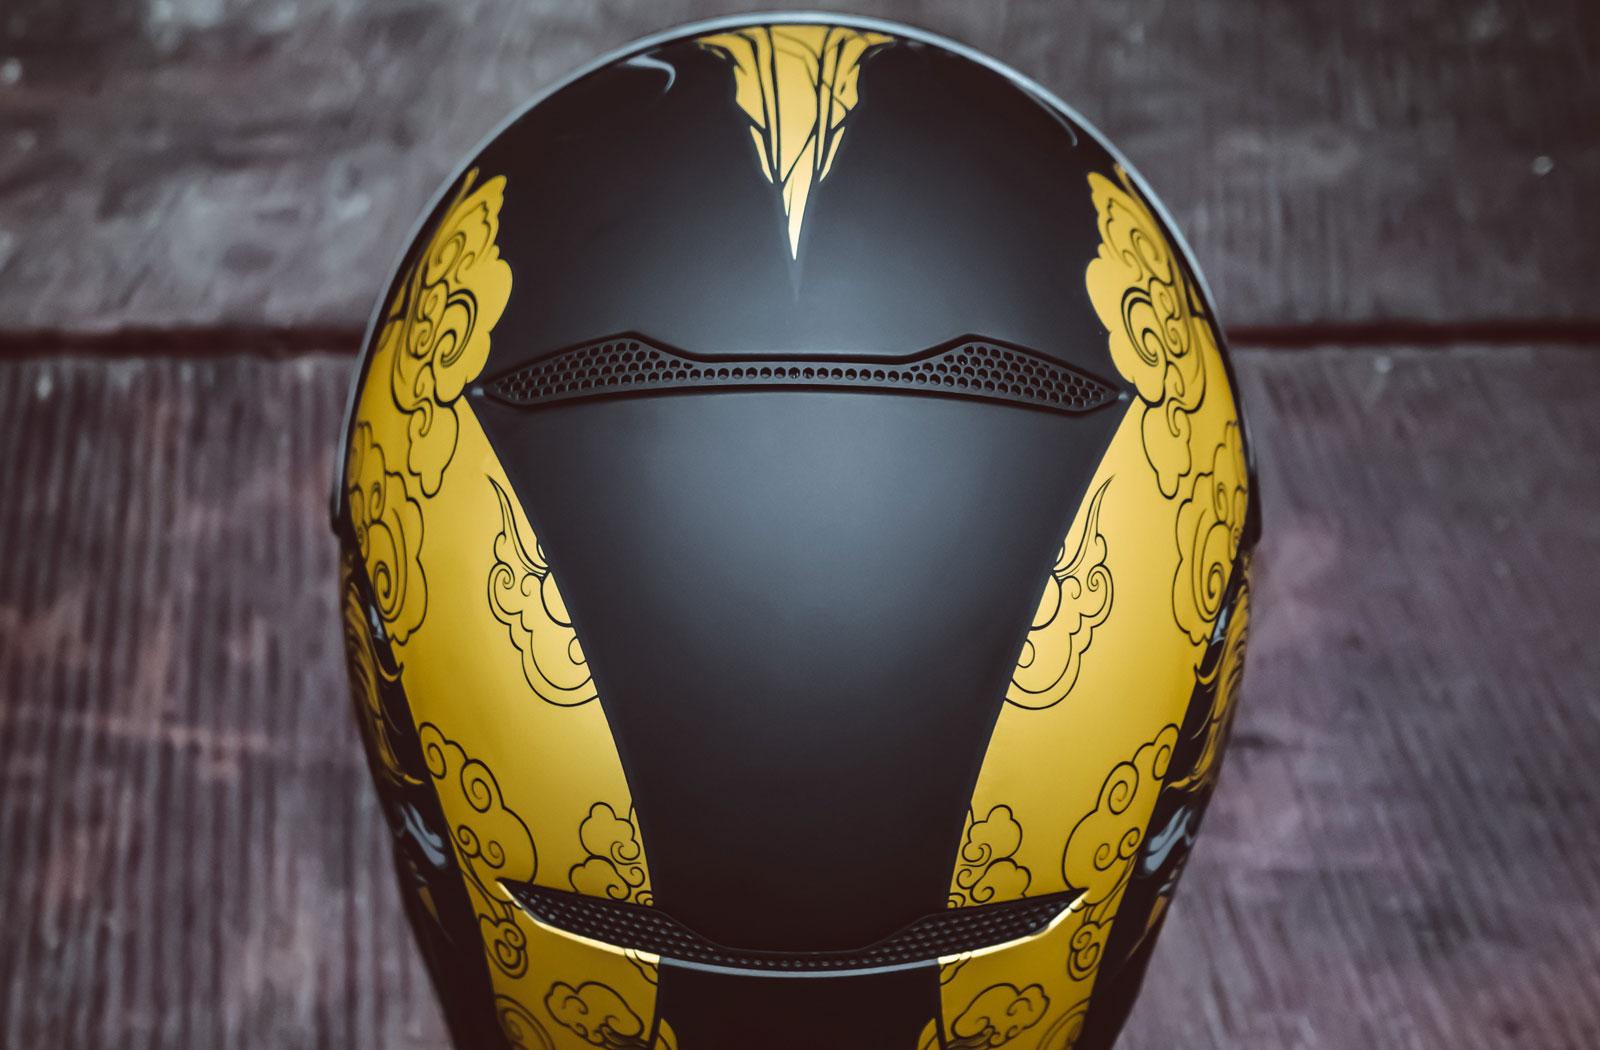 Ruroc Atlas 3.0 Fujin helmet